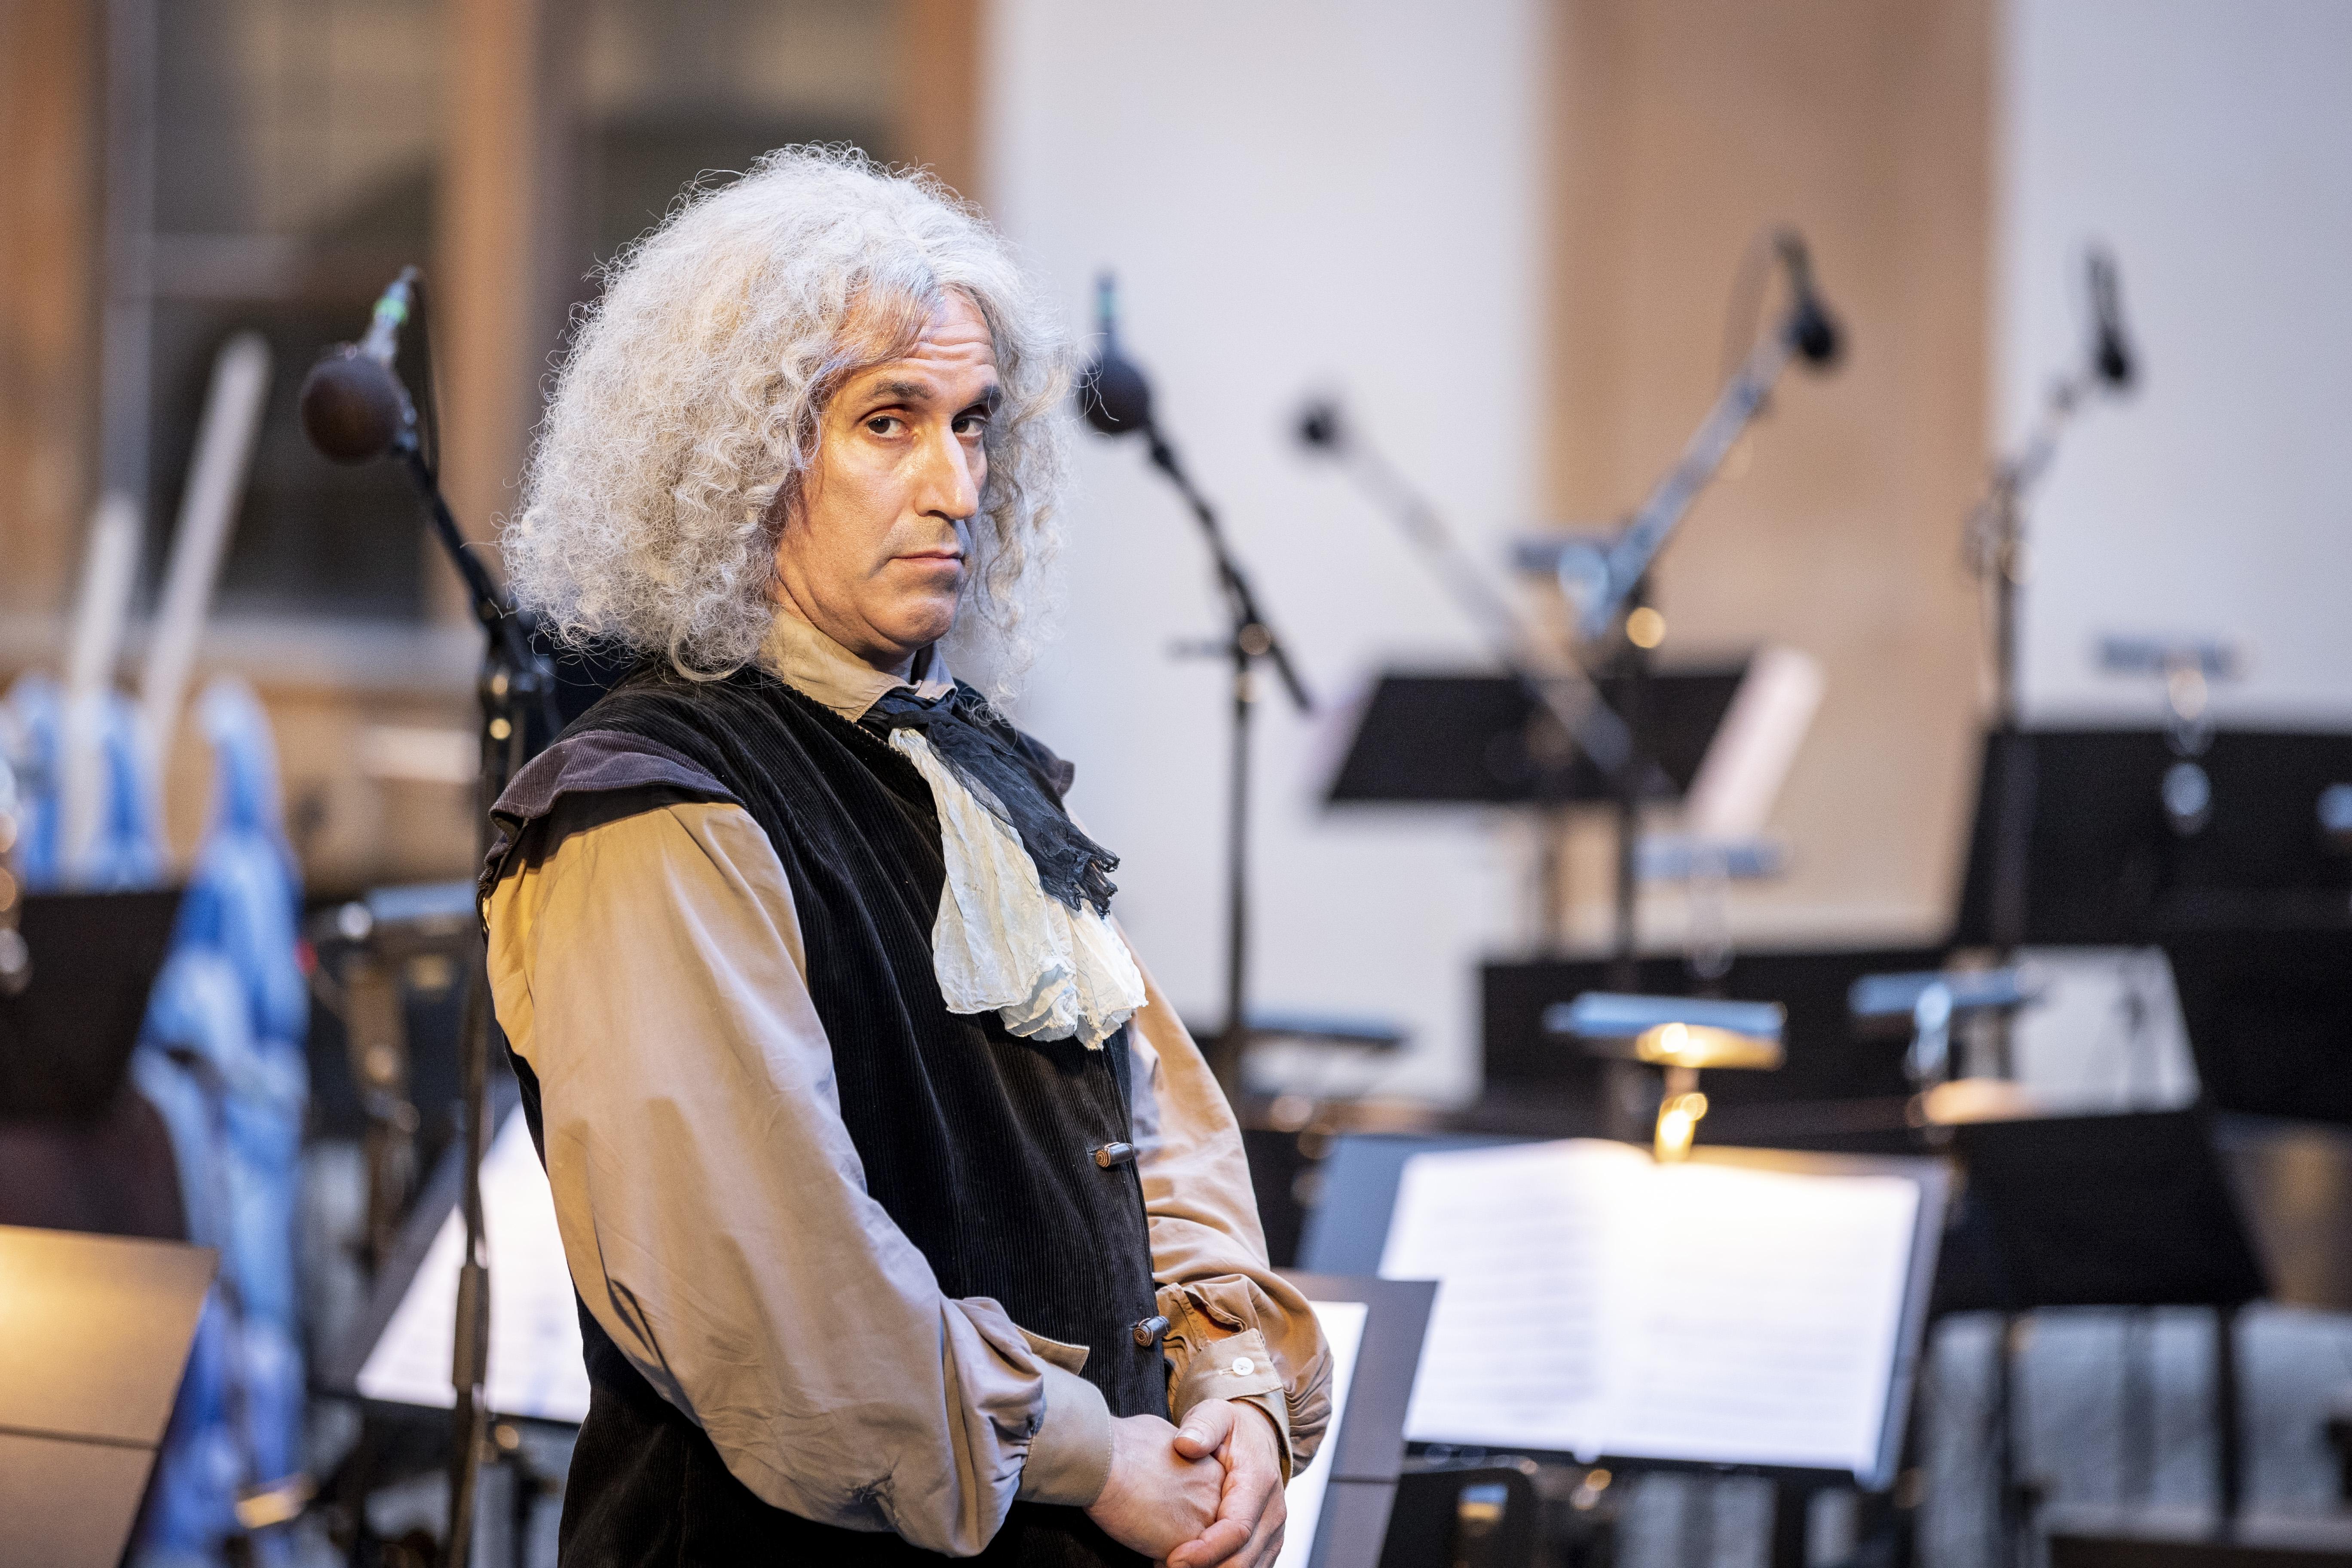 Adrian Schvarzstein